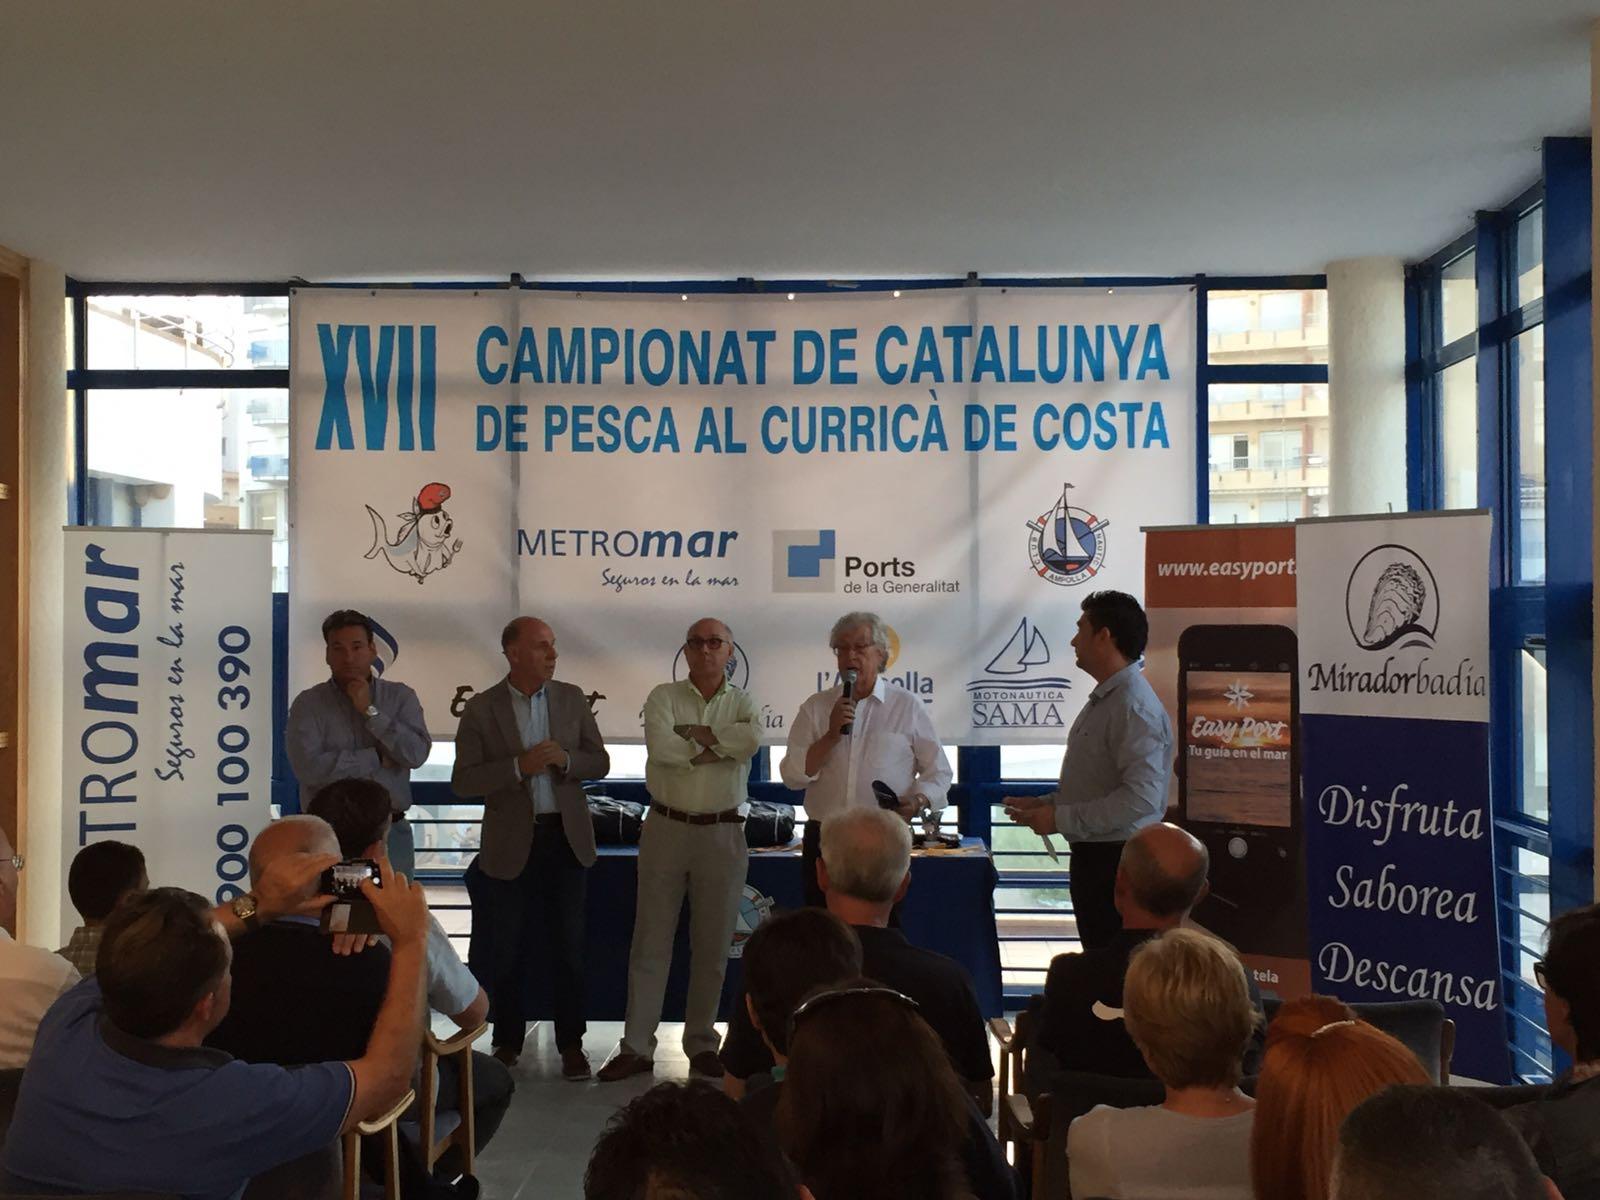 Luco se impone en el XVII Campeonato de Cataluña de Pesca al Curricán de Costa-Gran Premio Metromar